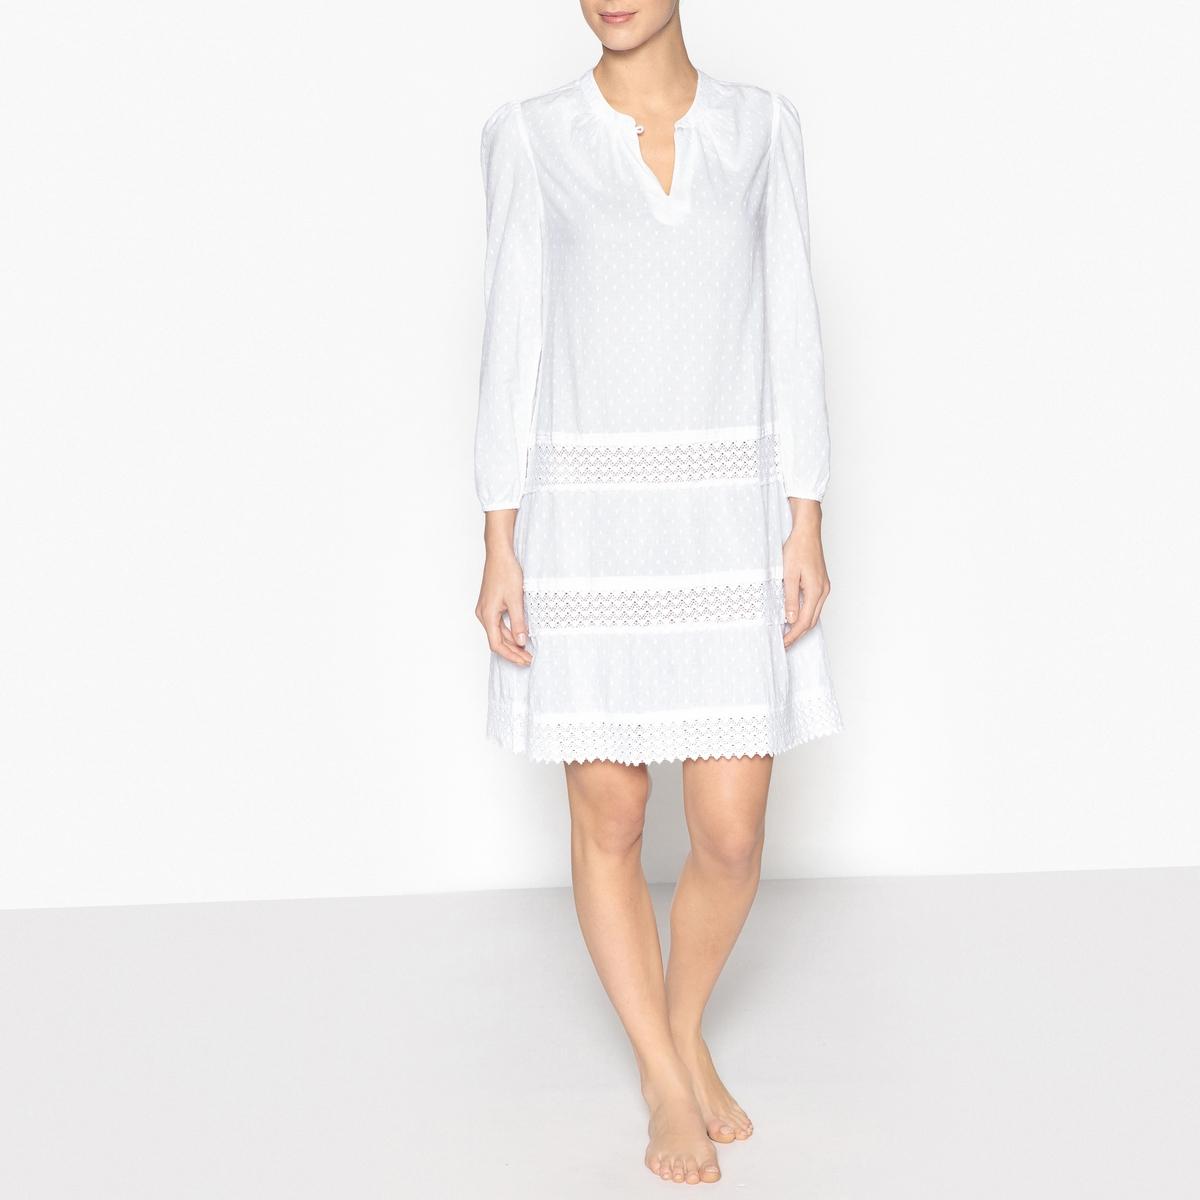 Сорочка ночная с вышивкой